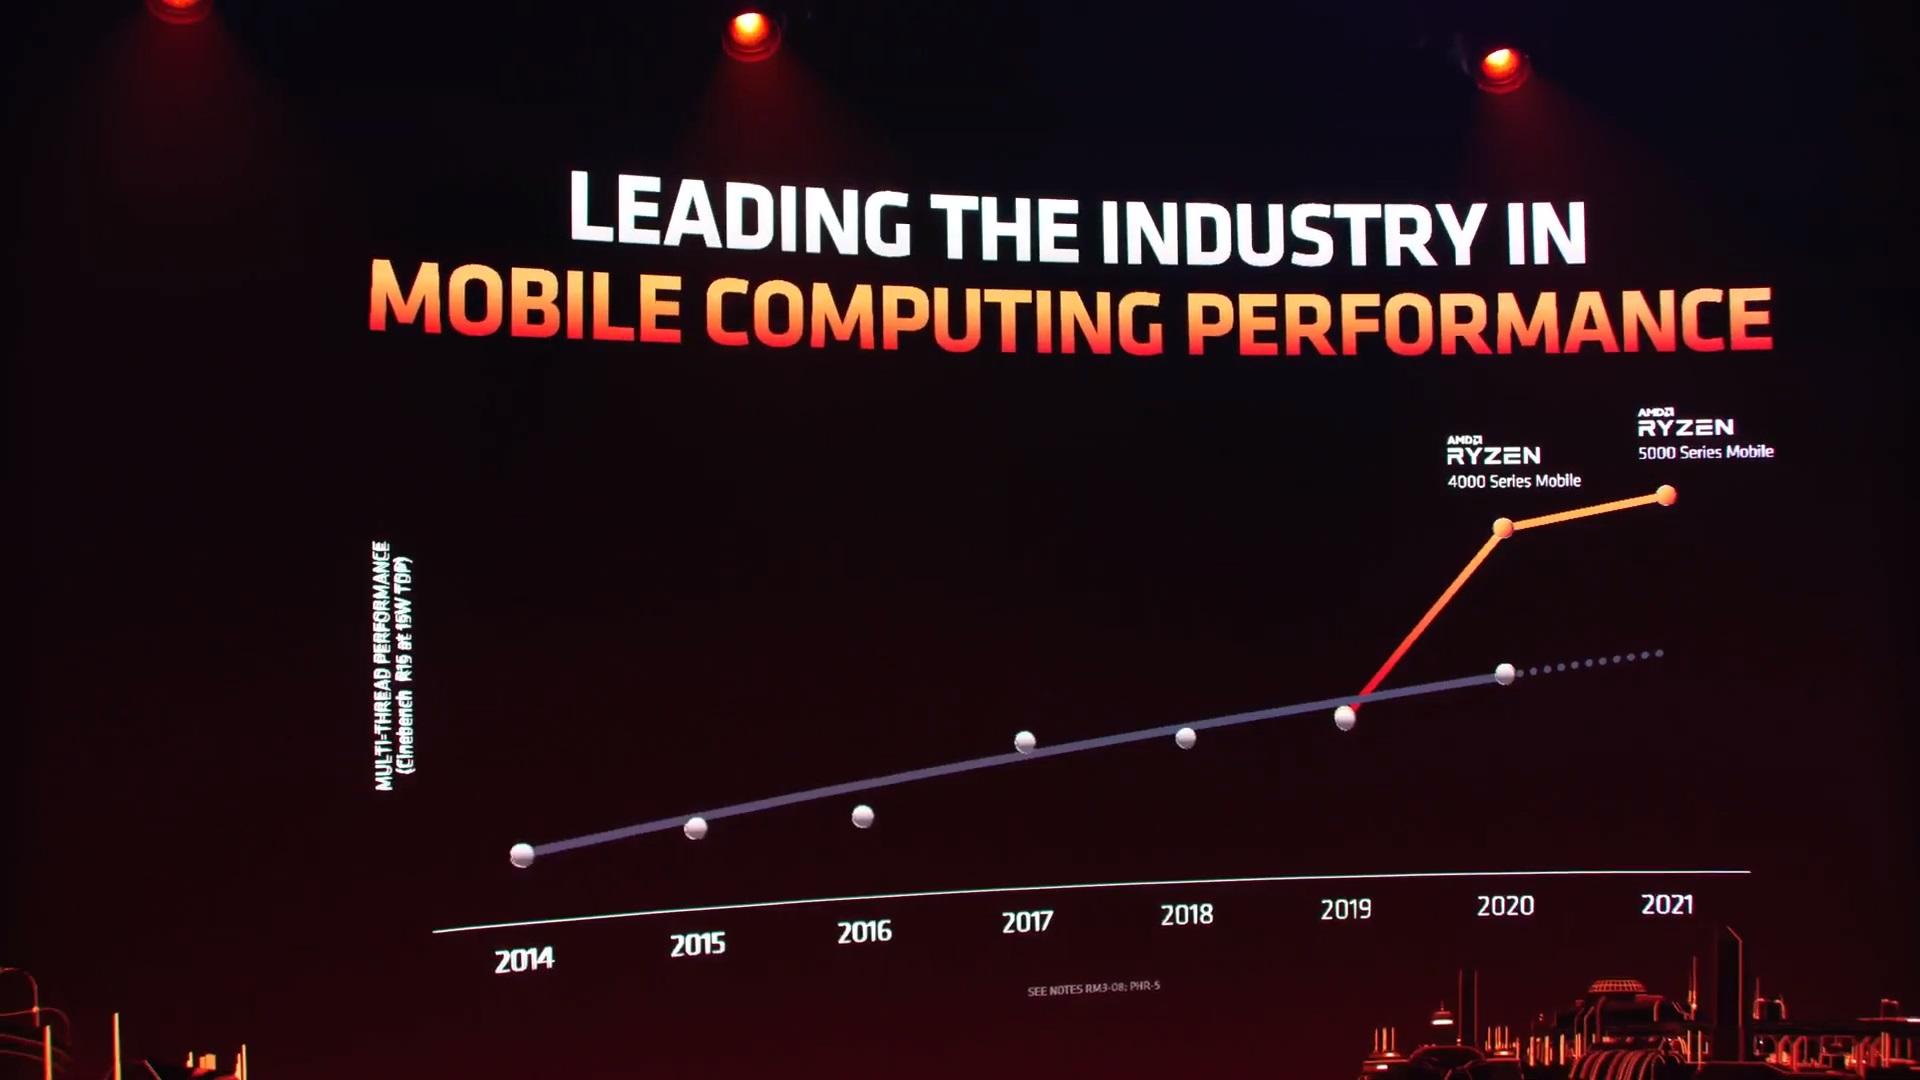 CES 2021: AMD Announces Ryzen 5000 Mobile Processors - Mobile 5